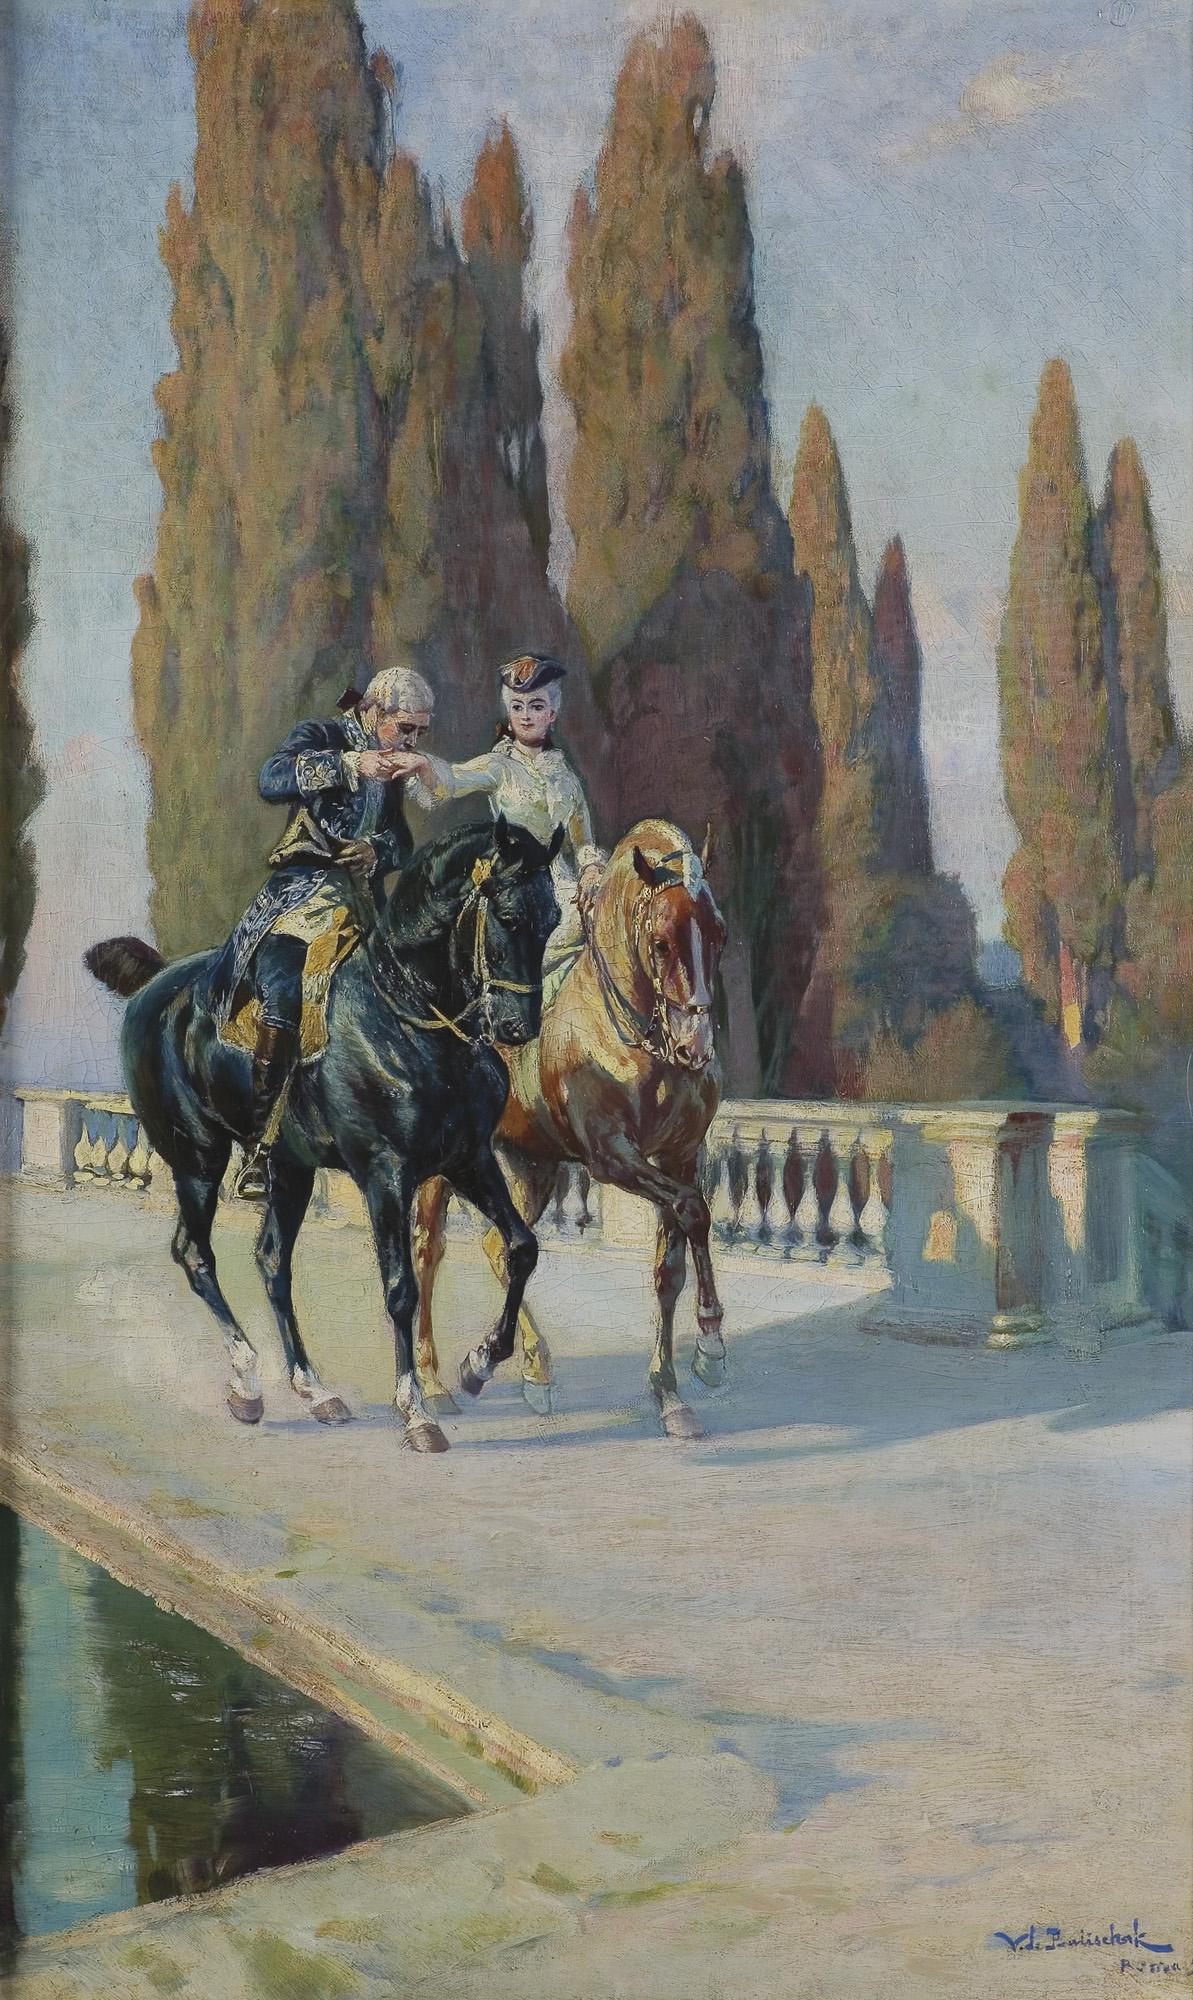 ZALOTY, 1893